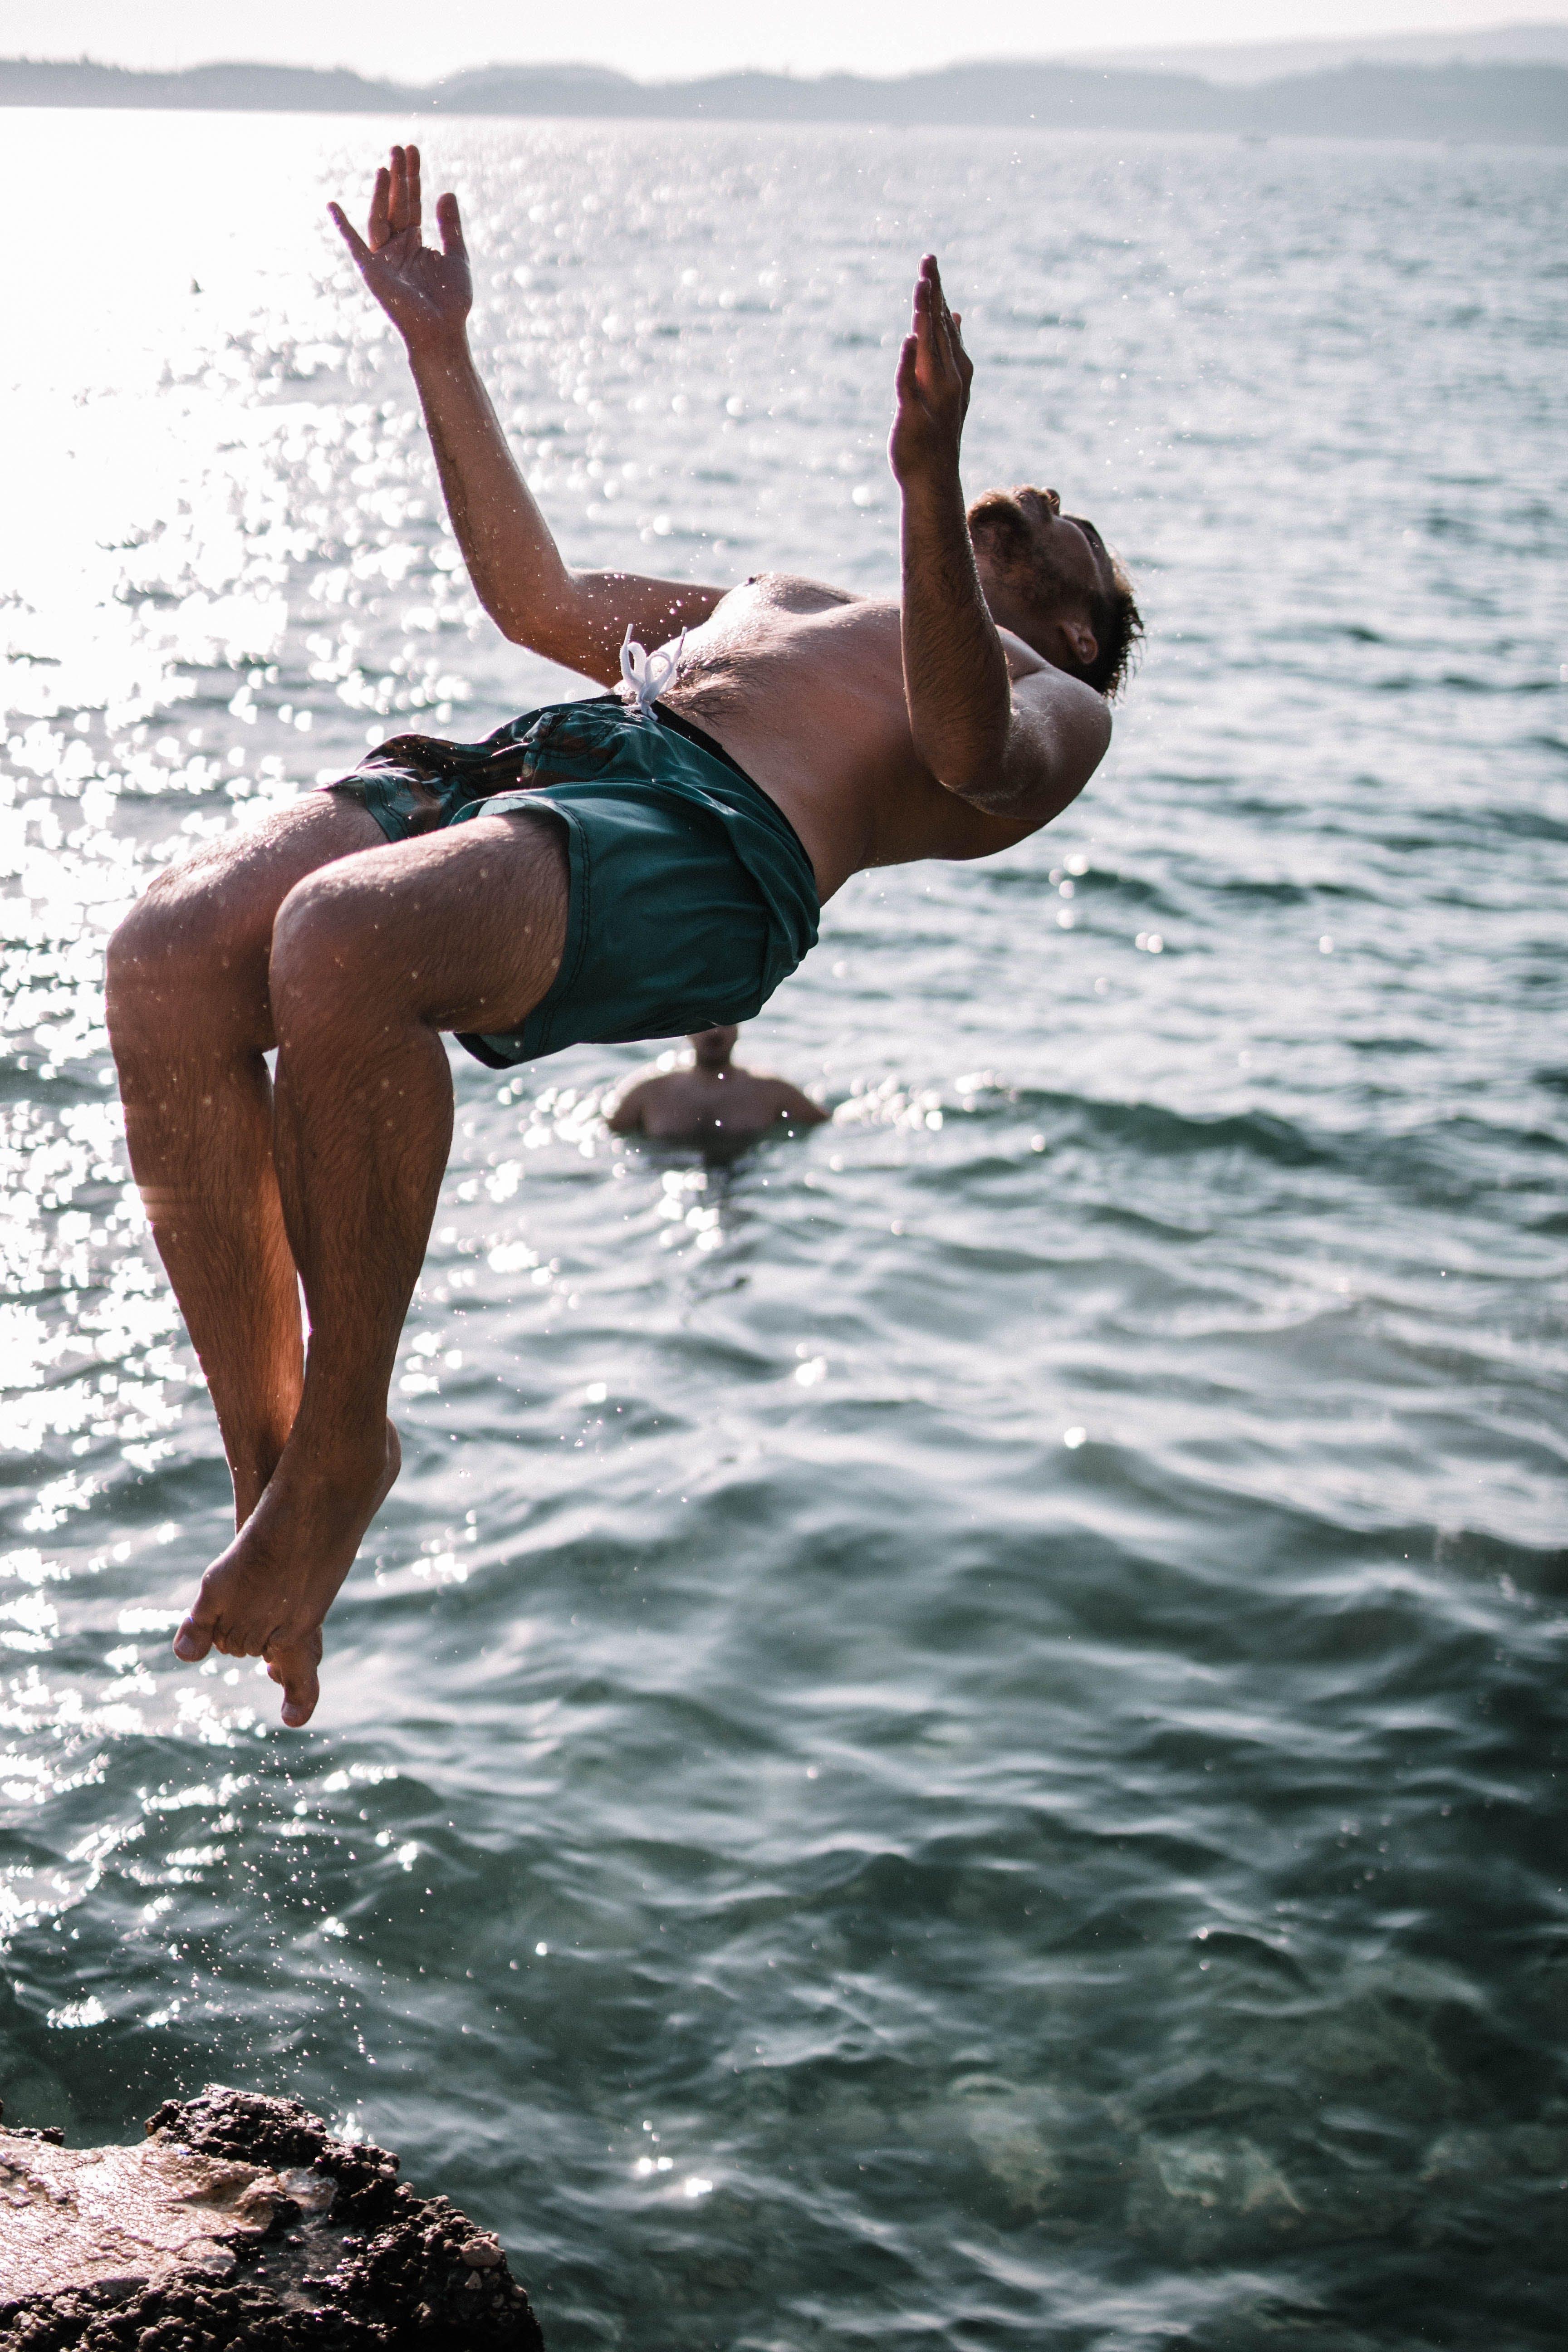 Gratis stockfoto met achterwaartse salto, actie, daglicht, eigen tijd